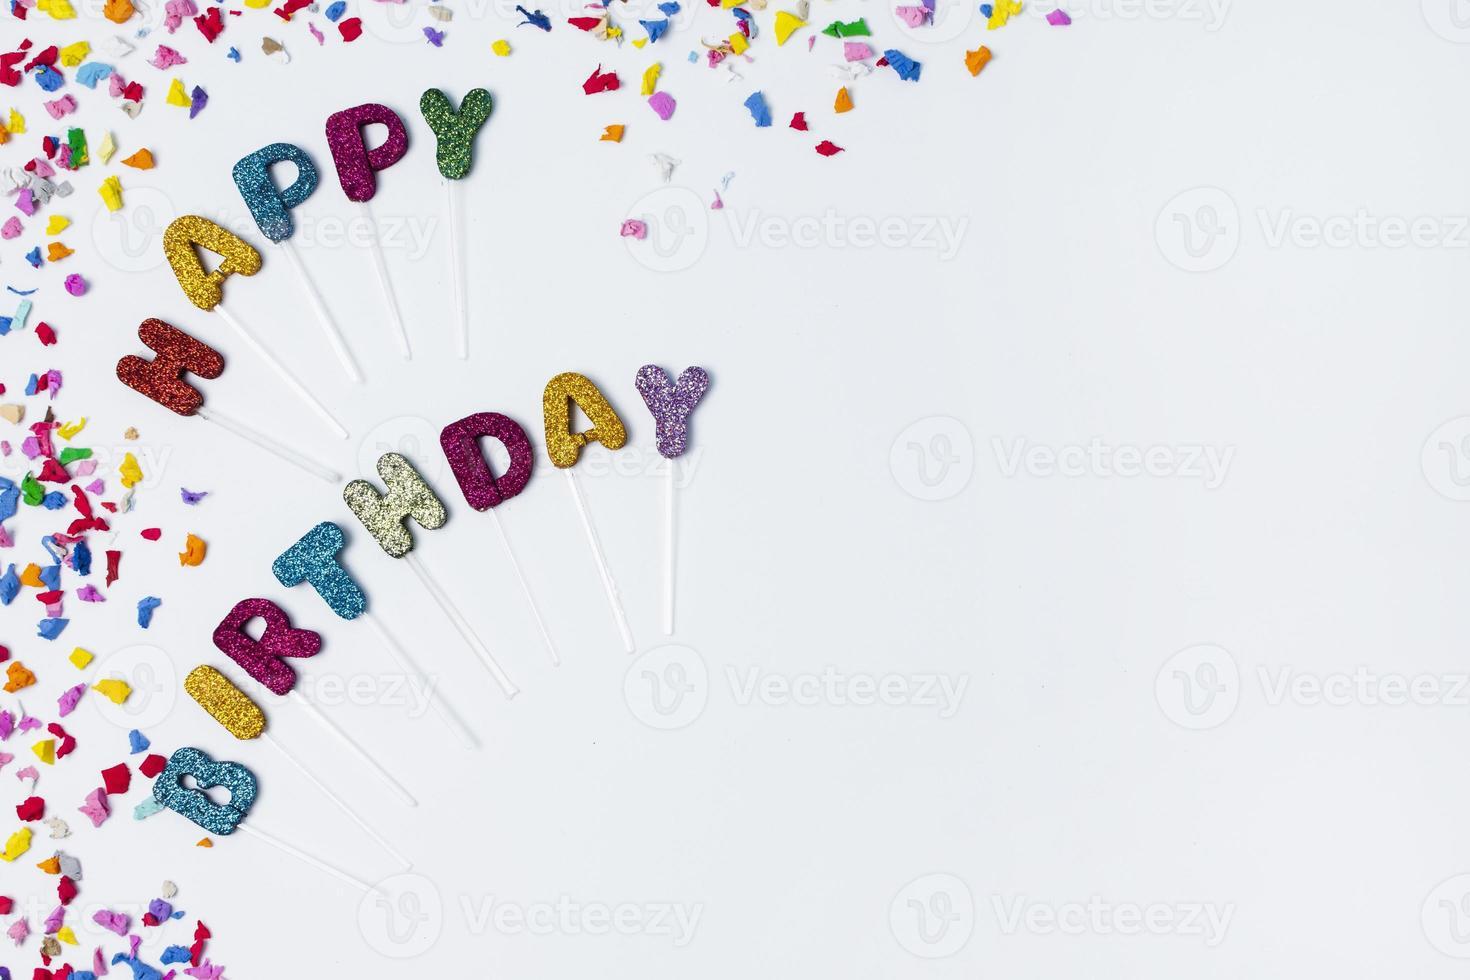 letras de feliz aniversário em fundo branco com espaço de cópia foto